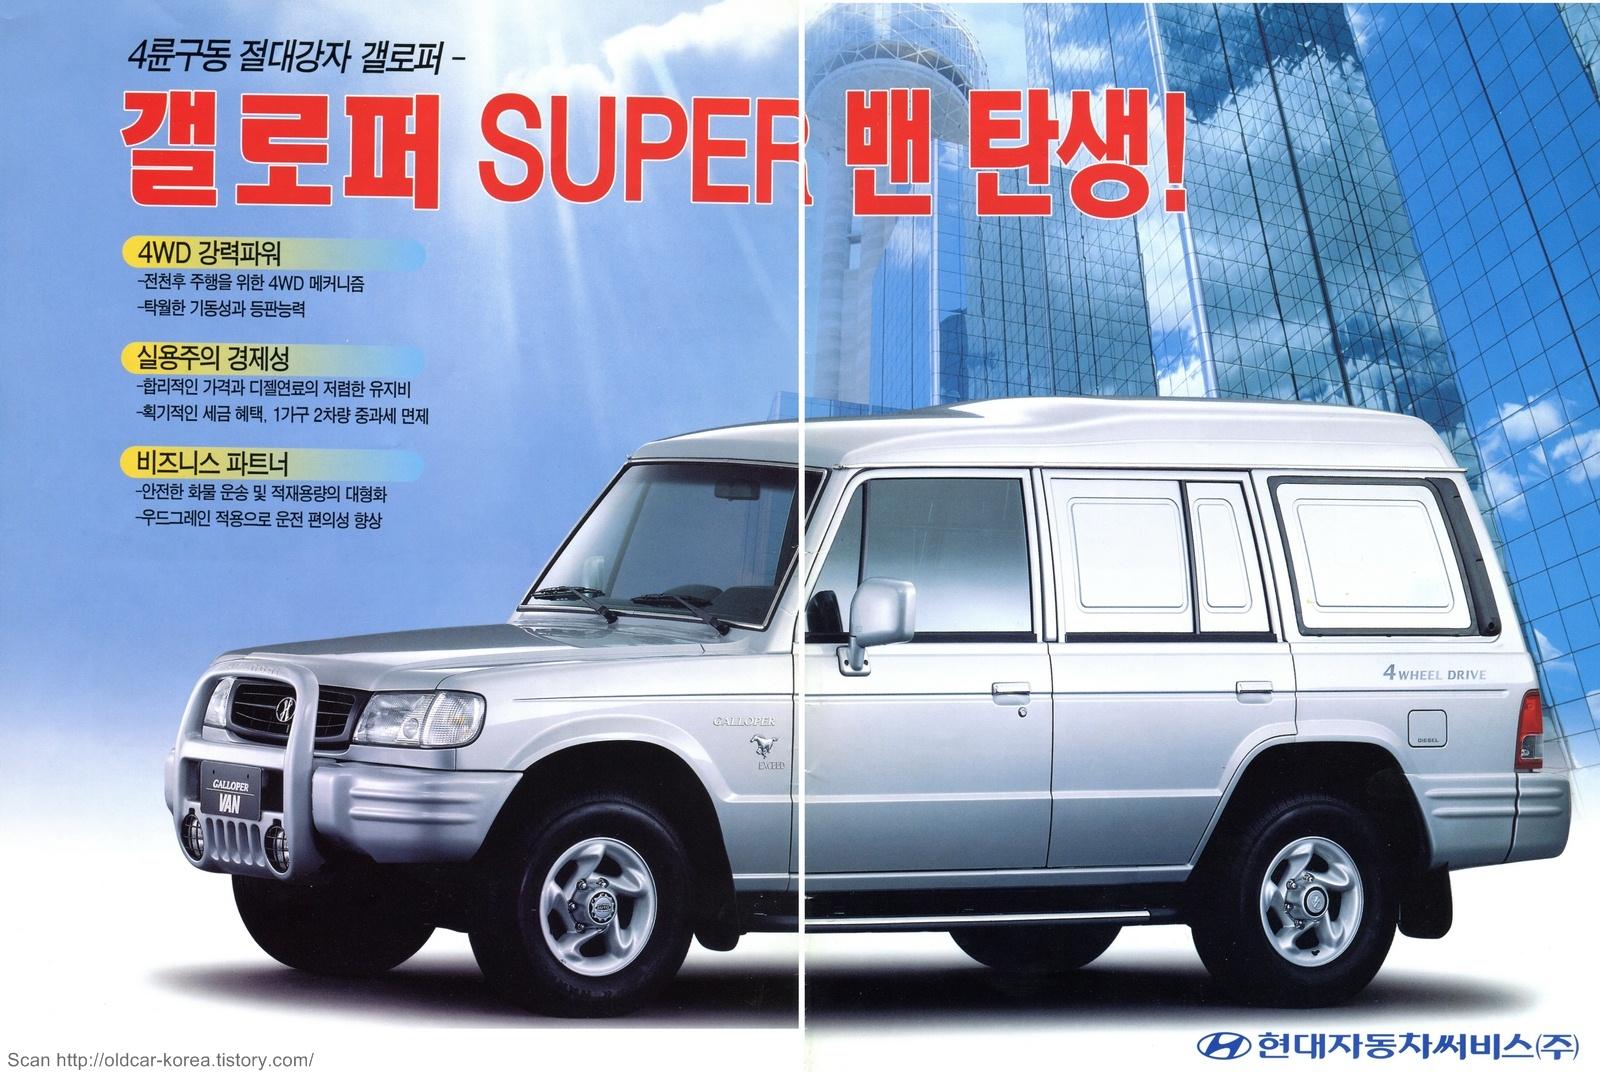 국산 자동차 이것저것 현대자동차써비스 183 현대정공 갤로퍼 Super 밴 전단지 Hyundai Galloper Super Van Leaflet